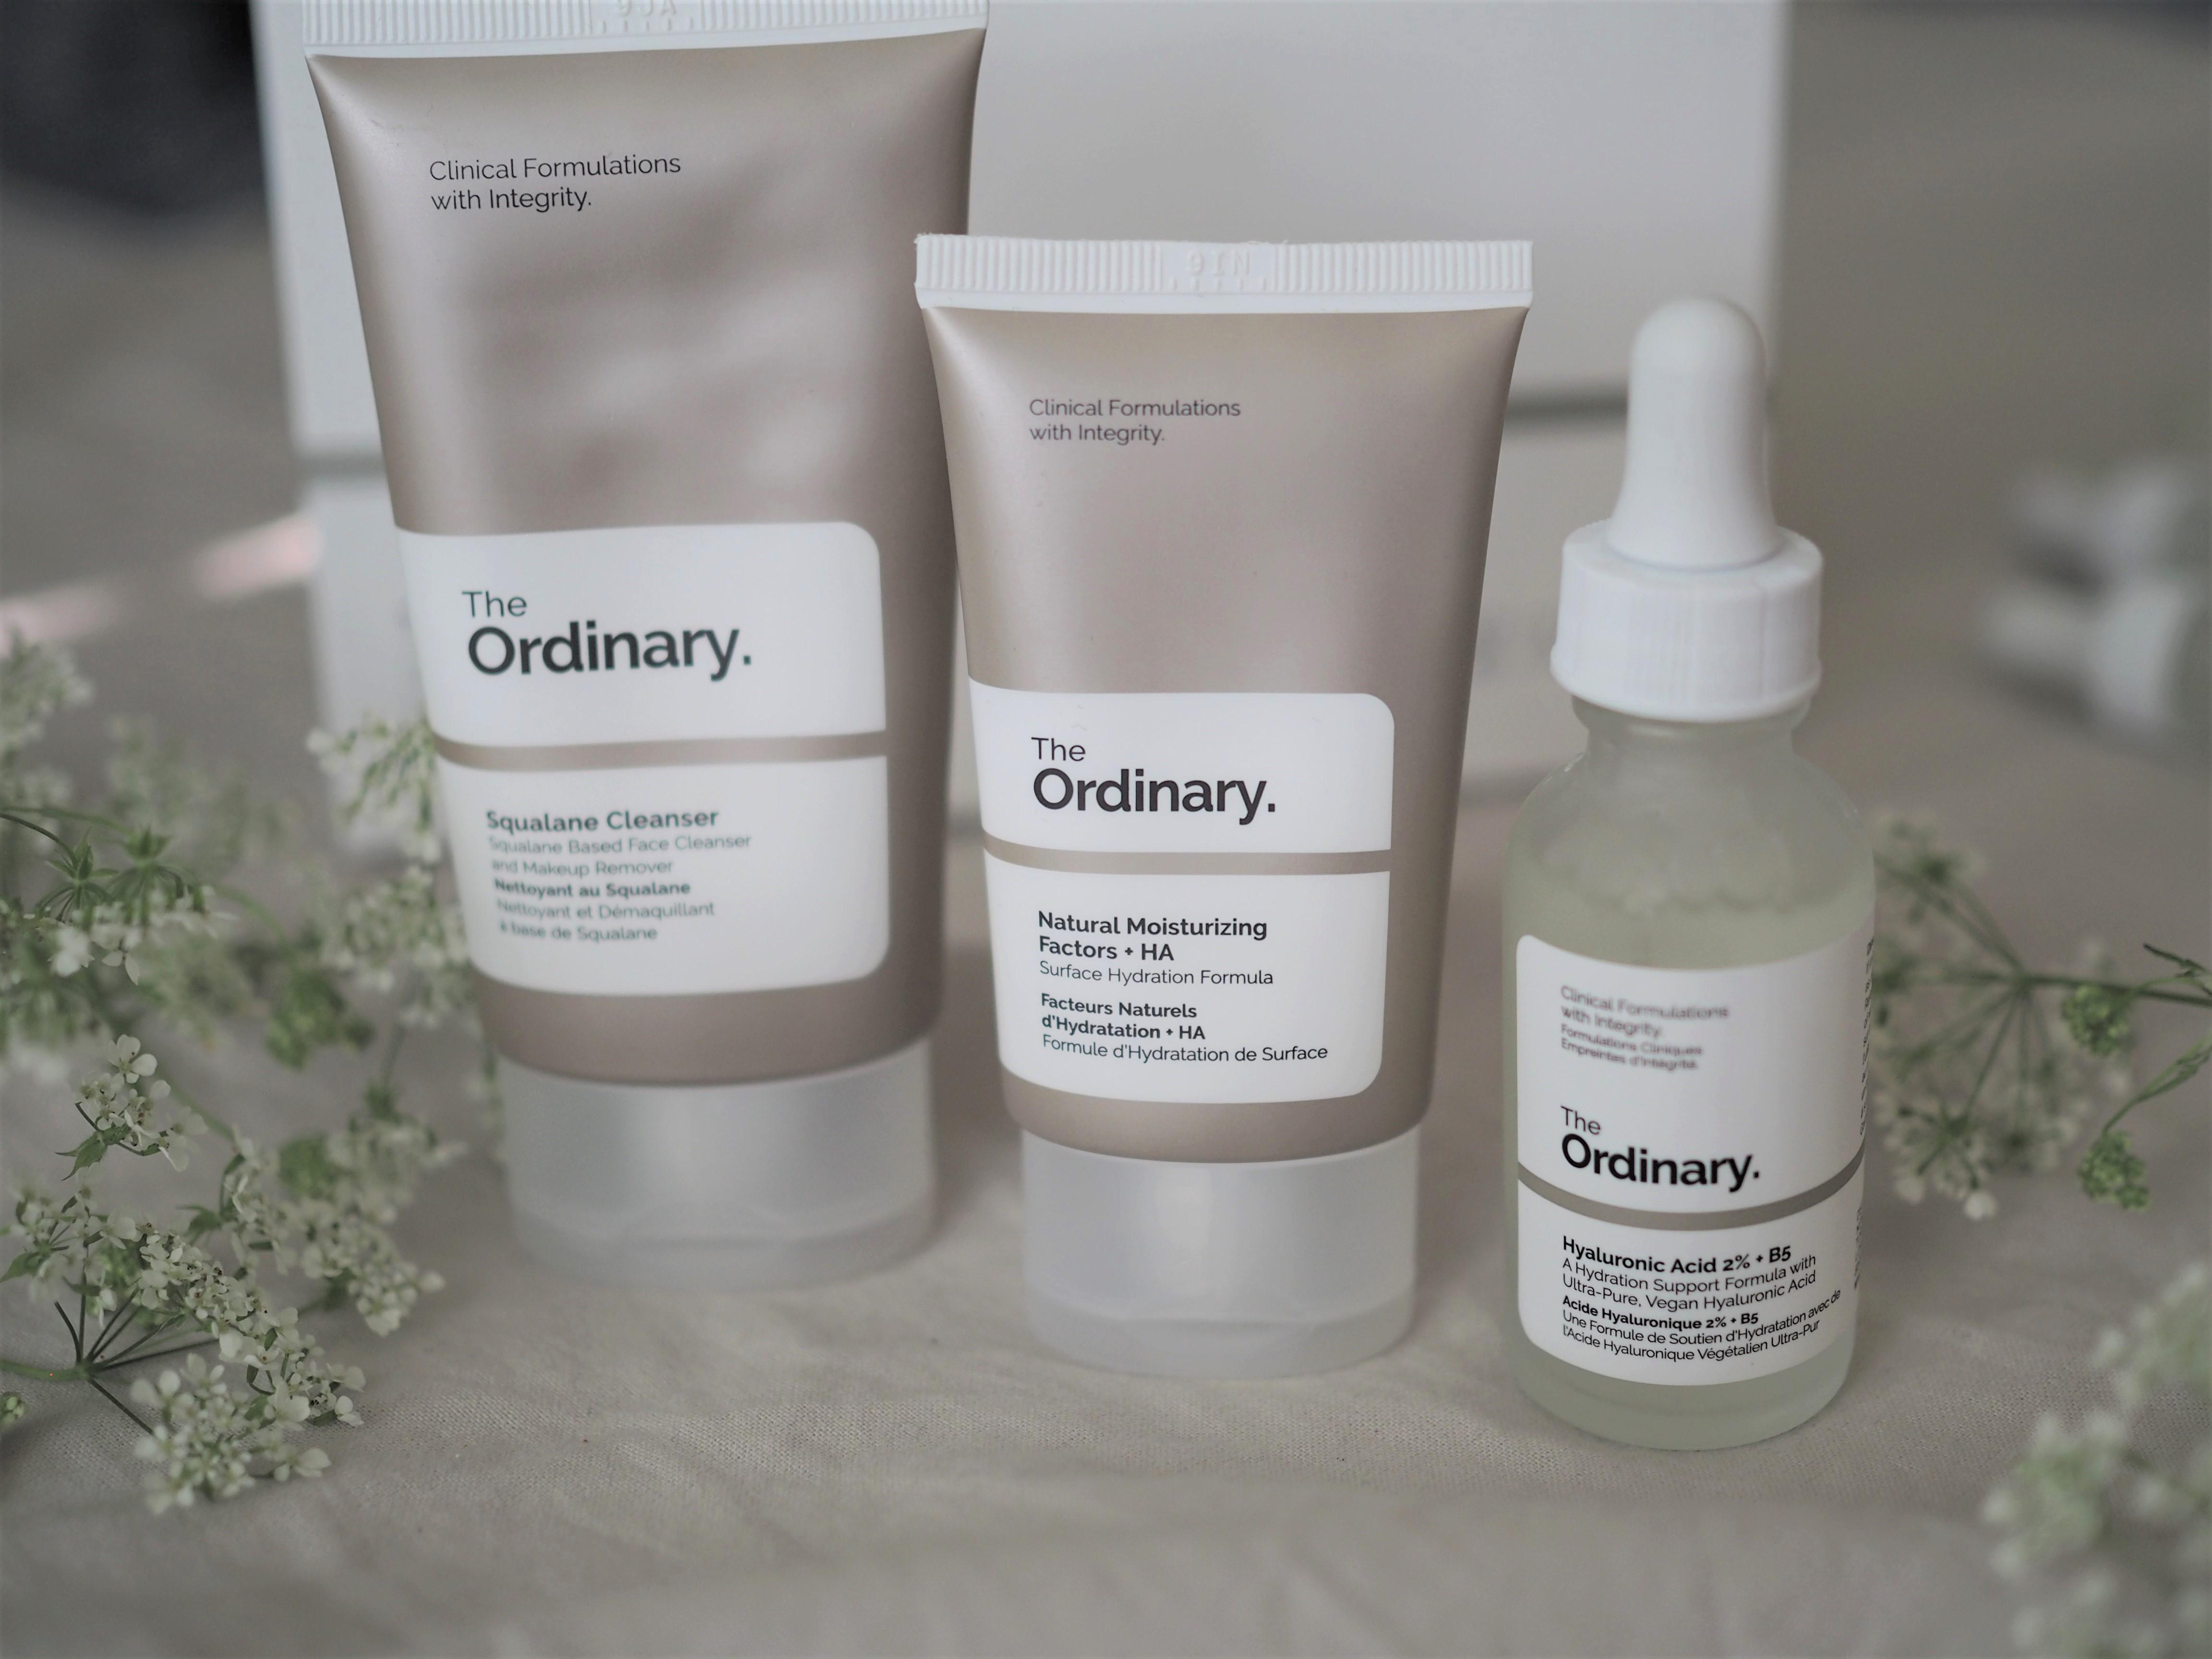 The Ordinary – uusi kosteuttava ihonhoitorutiinini